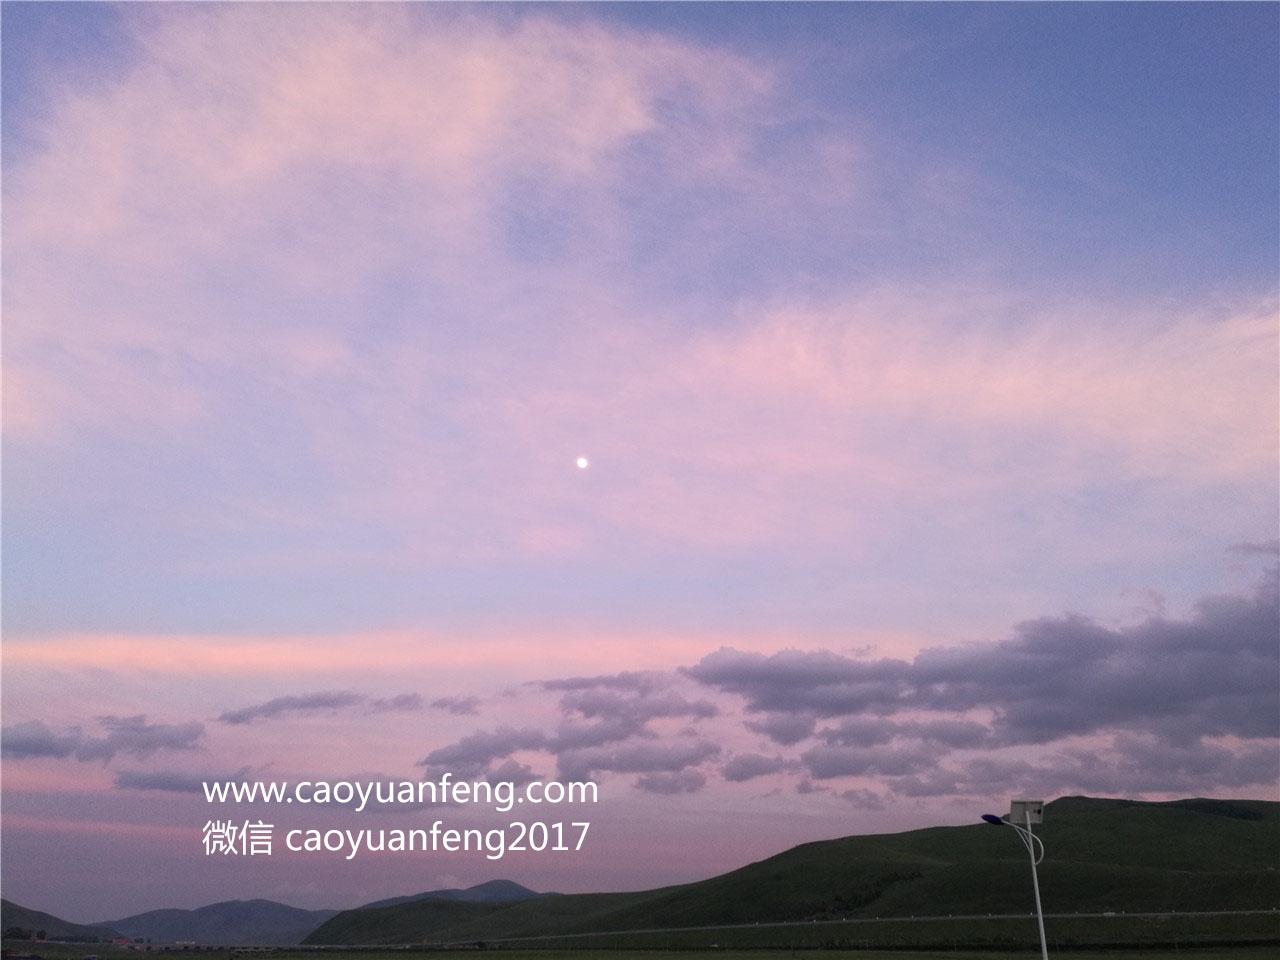 草原夕阳落日